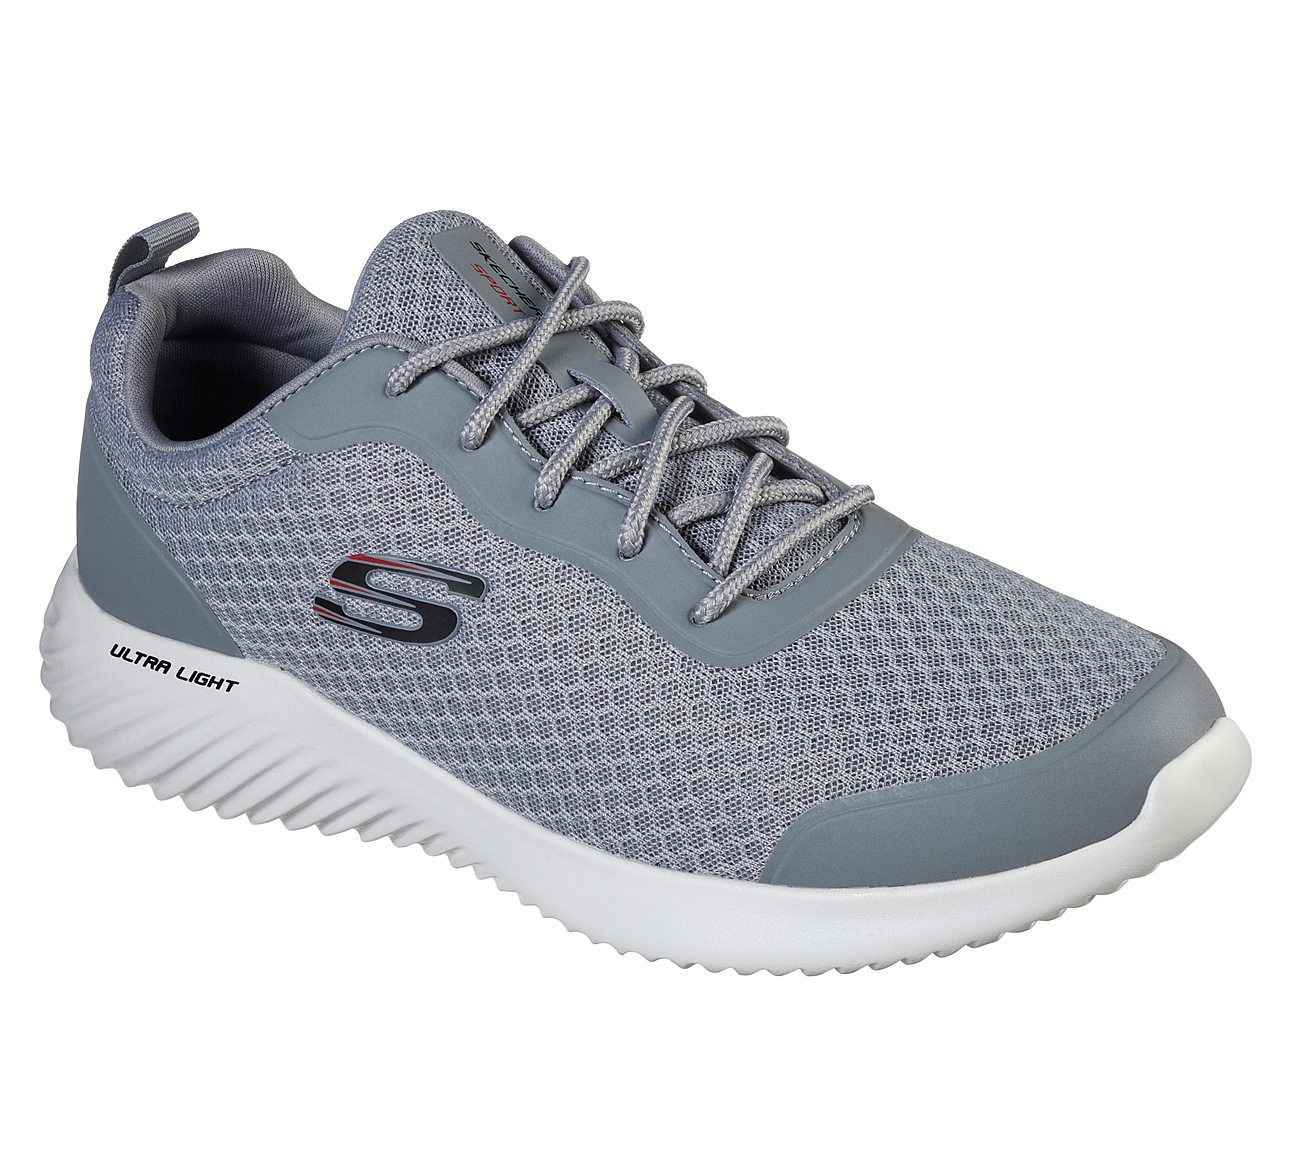 Aviación Giotto Dibondon un millón  Buy SKECHERS Bounder - Voltis SKECHERS Sport Shoes